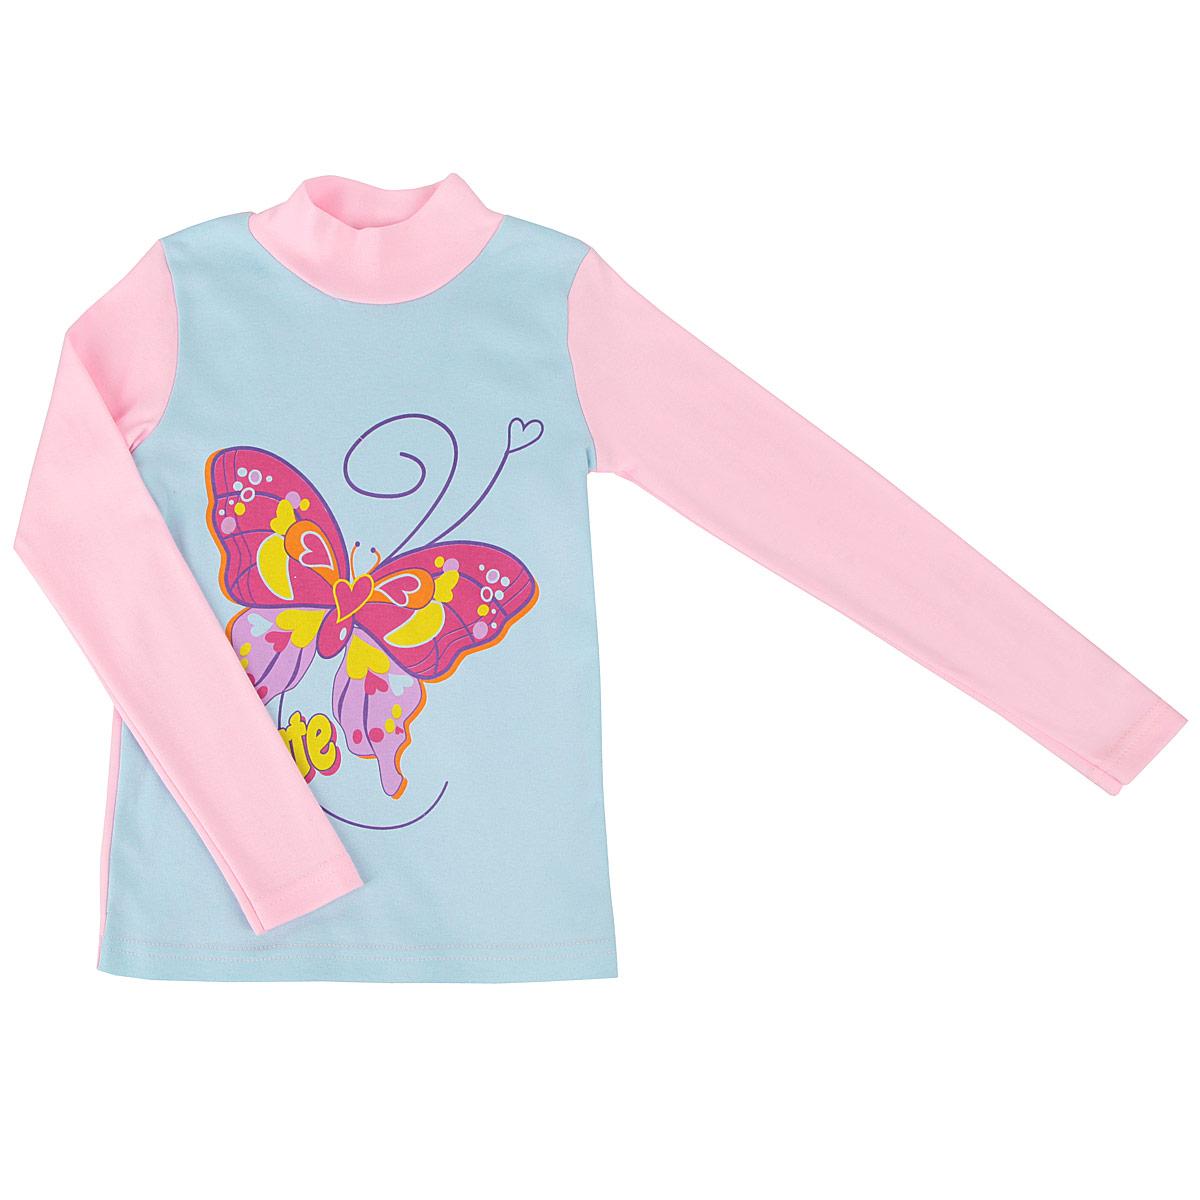 Водолазка для девочки КотМарКот, цвет: голубой, розовый. 13200_бабочка. Размер 128, 8 лет13200_бабочкаОчаровательная водолазка для девочки КотМарКот идеально подойдет вашей малышке. Изготовленная из интерлока - натурального хлопка, она необычайно мягкая и приятная на ощупь, не сковывает движения малышки и позволяет коже дышать, не раздражает даже самую нежную и чувствительную кожу ребенка, обеспечивая ему наибольший комфорт. Водолазка с длинными рукавами и небольшим воротником-стойкой спереди оформлена ярким принтом с крупным изображением бабочки. Оригинальный современный дизайн и расцветка делают эту водолазку модным и стильным предметом детского гардероба. В ней ваша маленькая принцесса будет чувствовать себя уютно и комфортно и всегда будет в центре внимания!